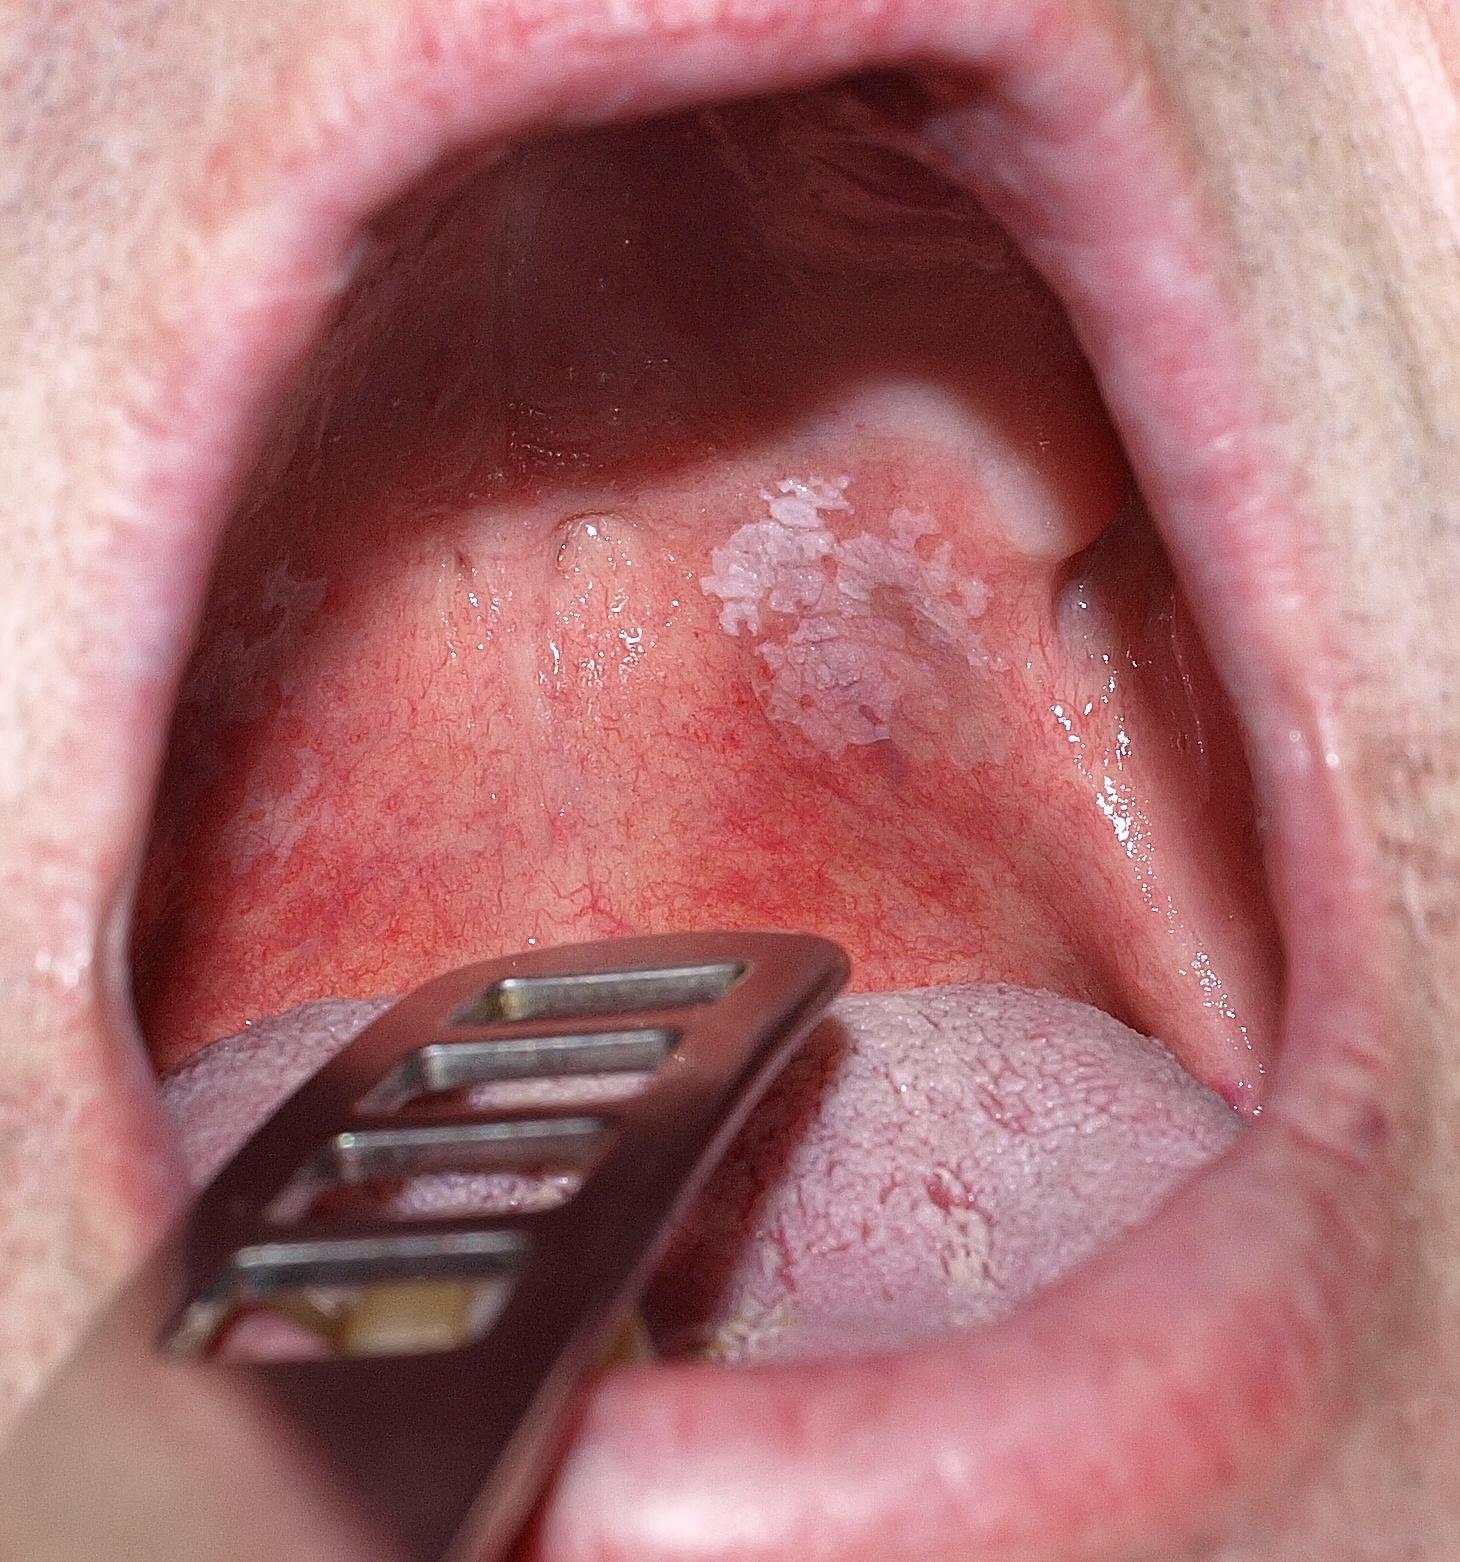 hpv belső ajak távolítsa el a hónalj alatt lógó papillómát